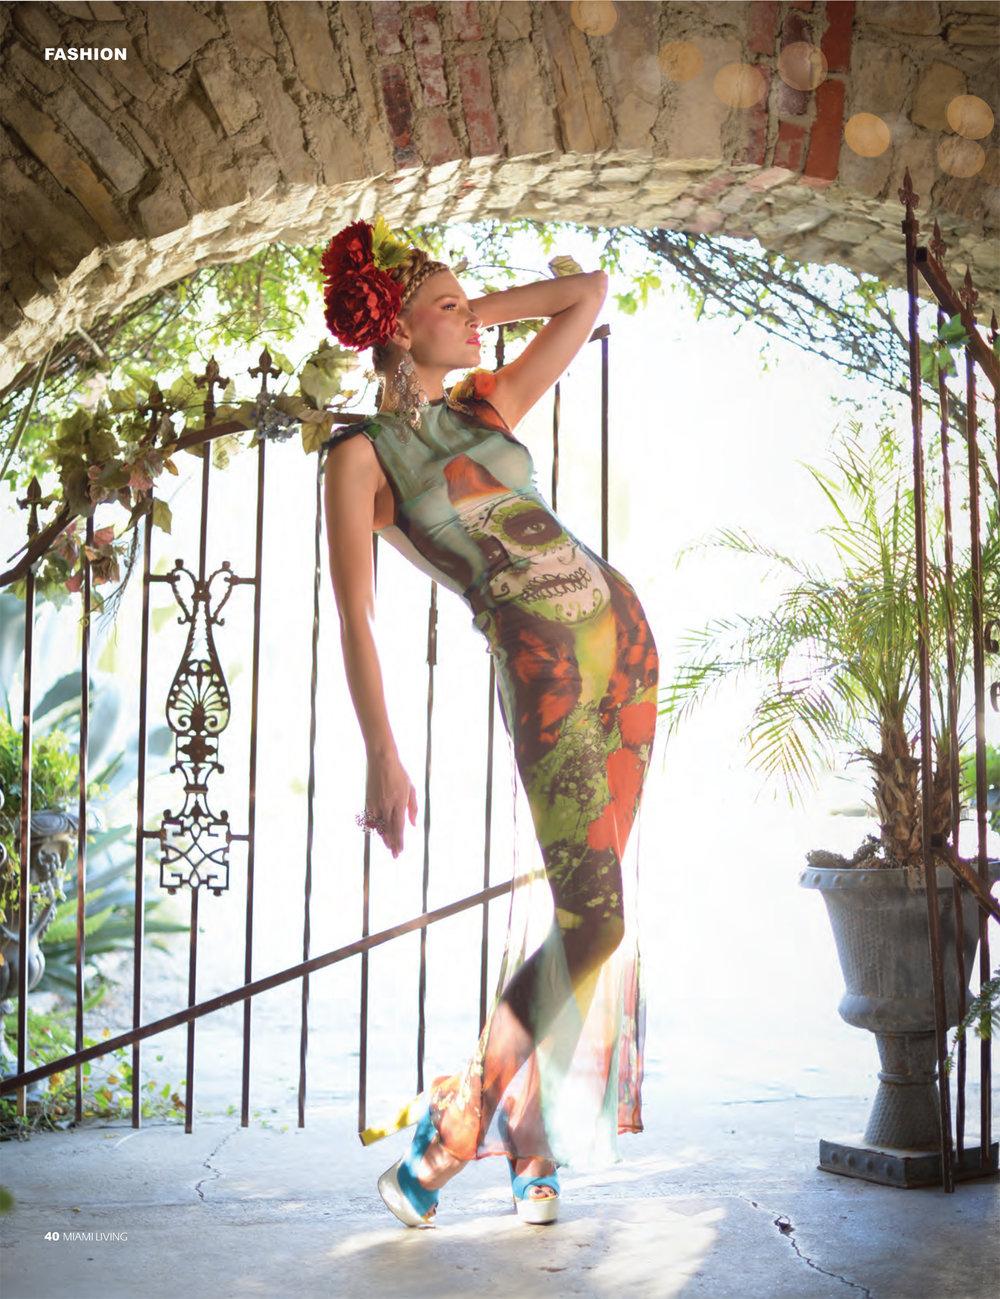 Fashion_Caesar Lima-2.jpg